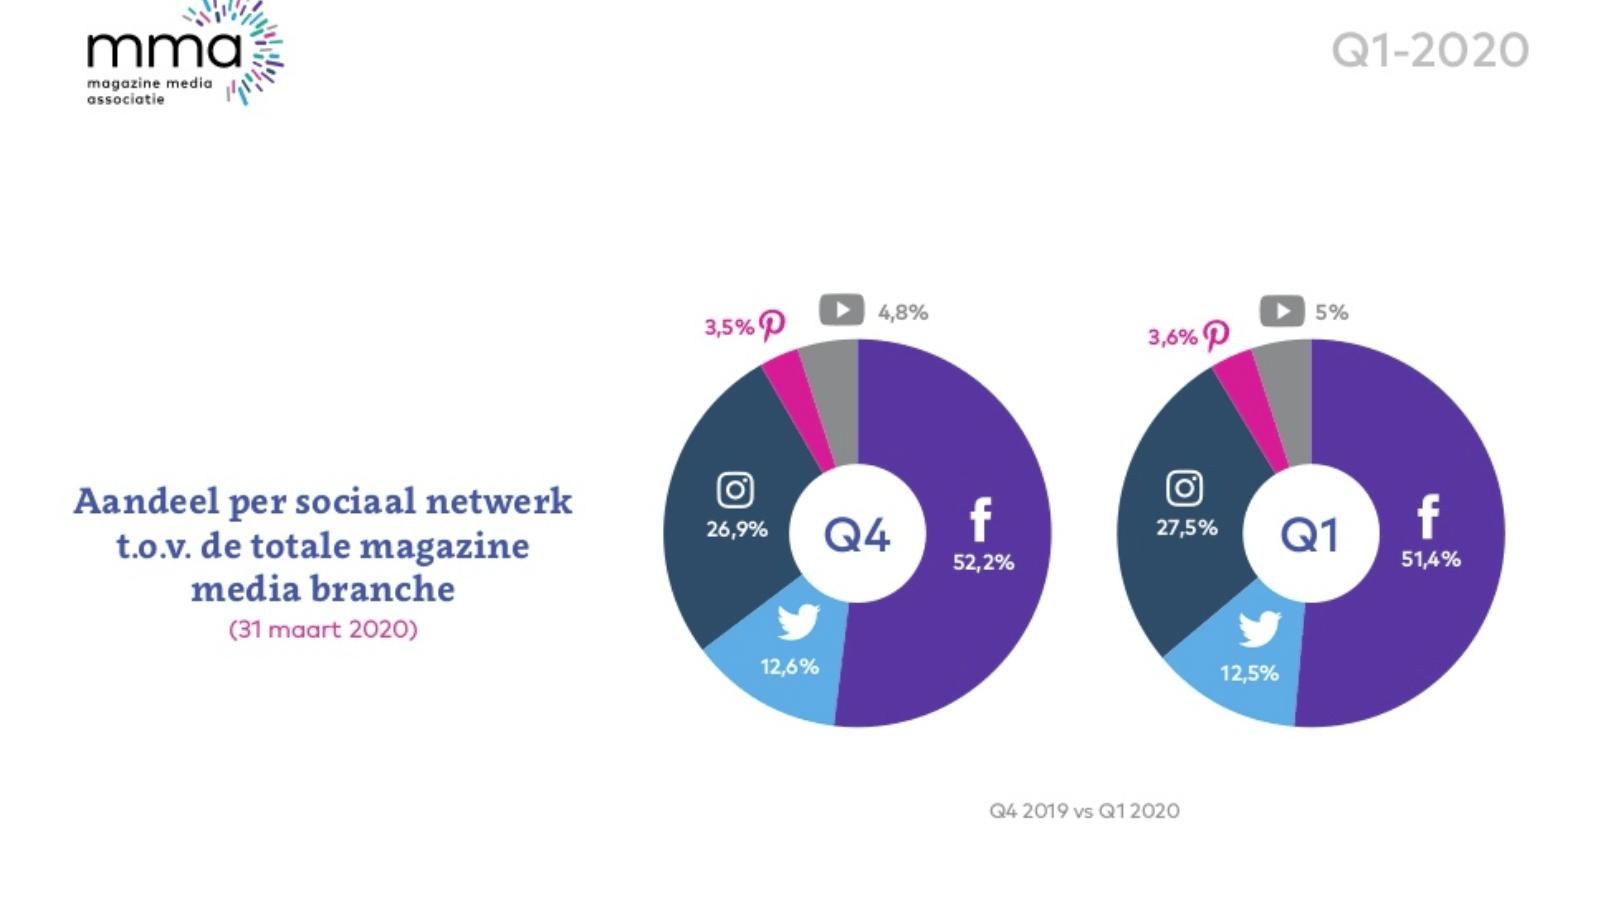 [Onderzoek] MMA: 'Social Media Monitor 2020 toont flinke stijging social media magazines'